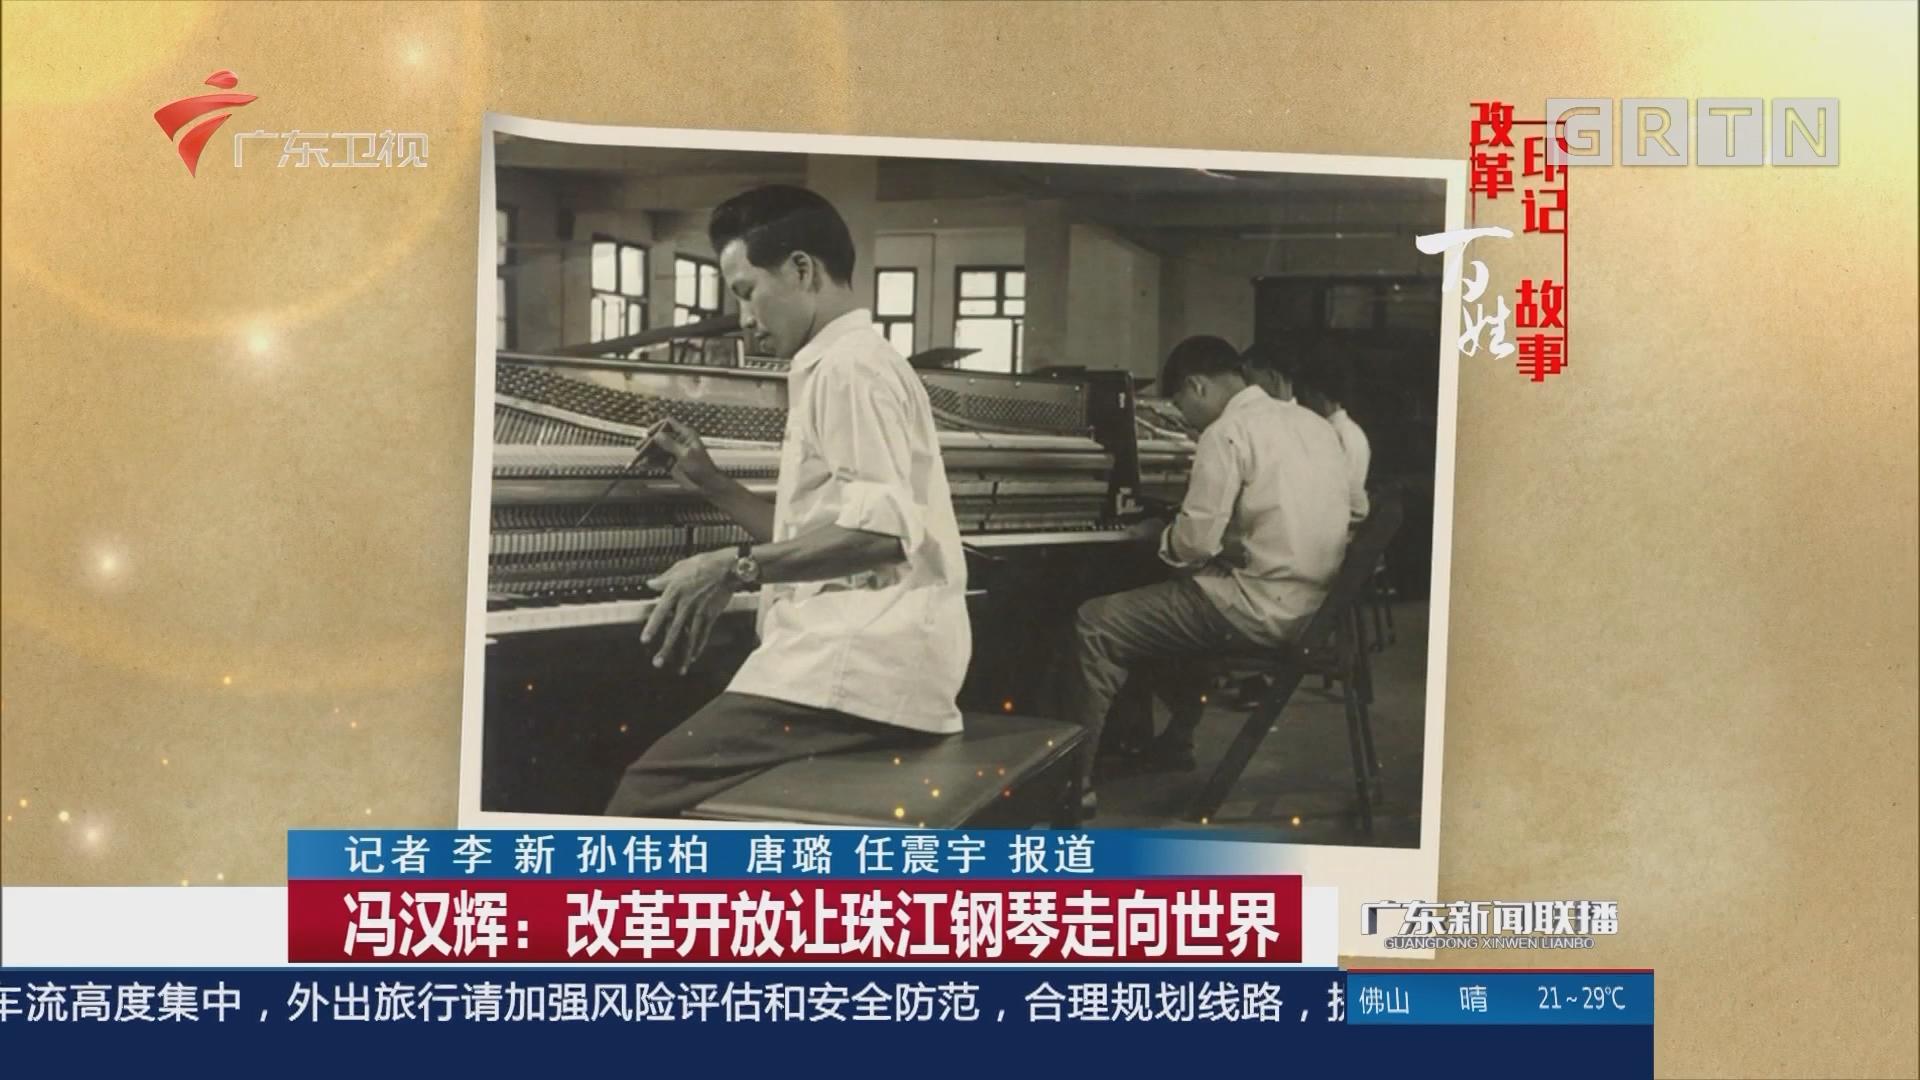 冯汉辉:改革开放让珠江钢琴走向世界